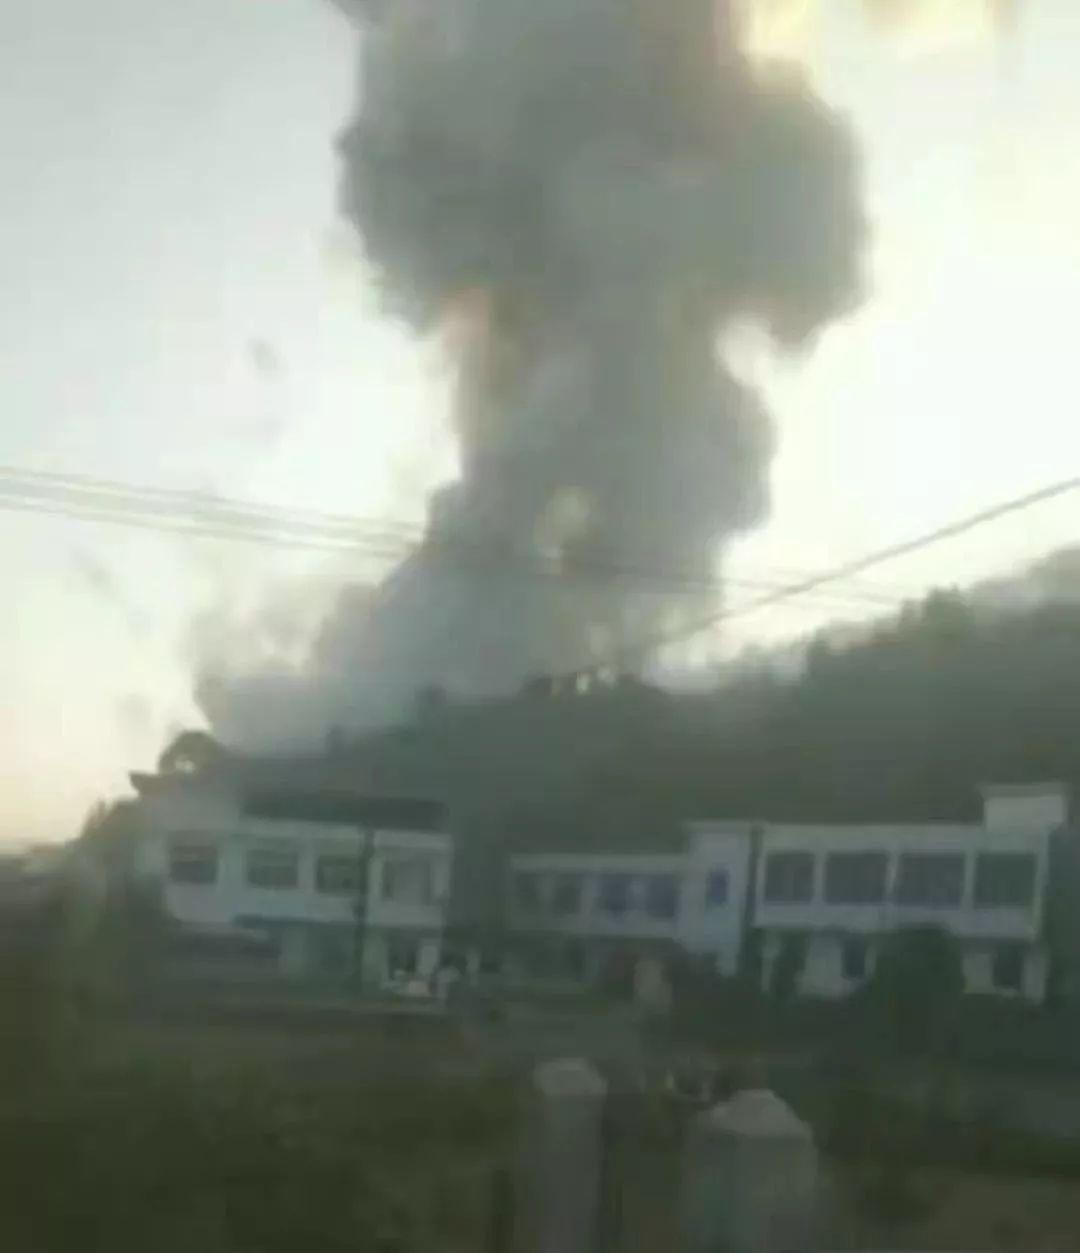 爆炸现场视频截图